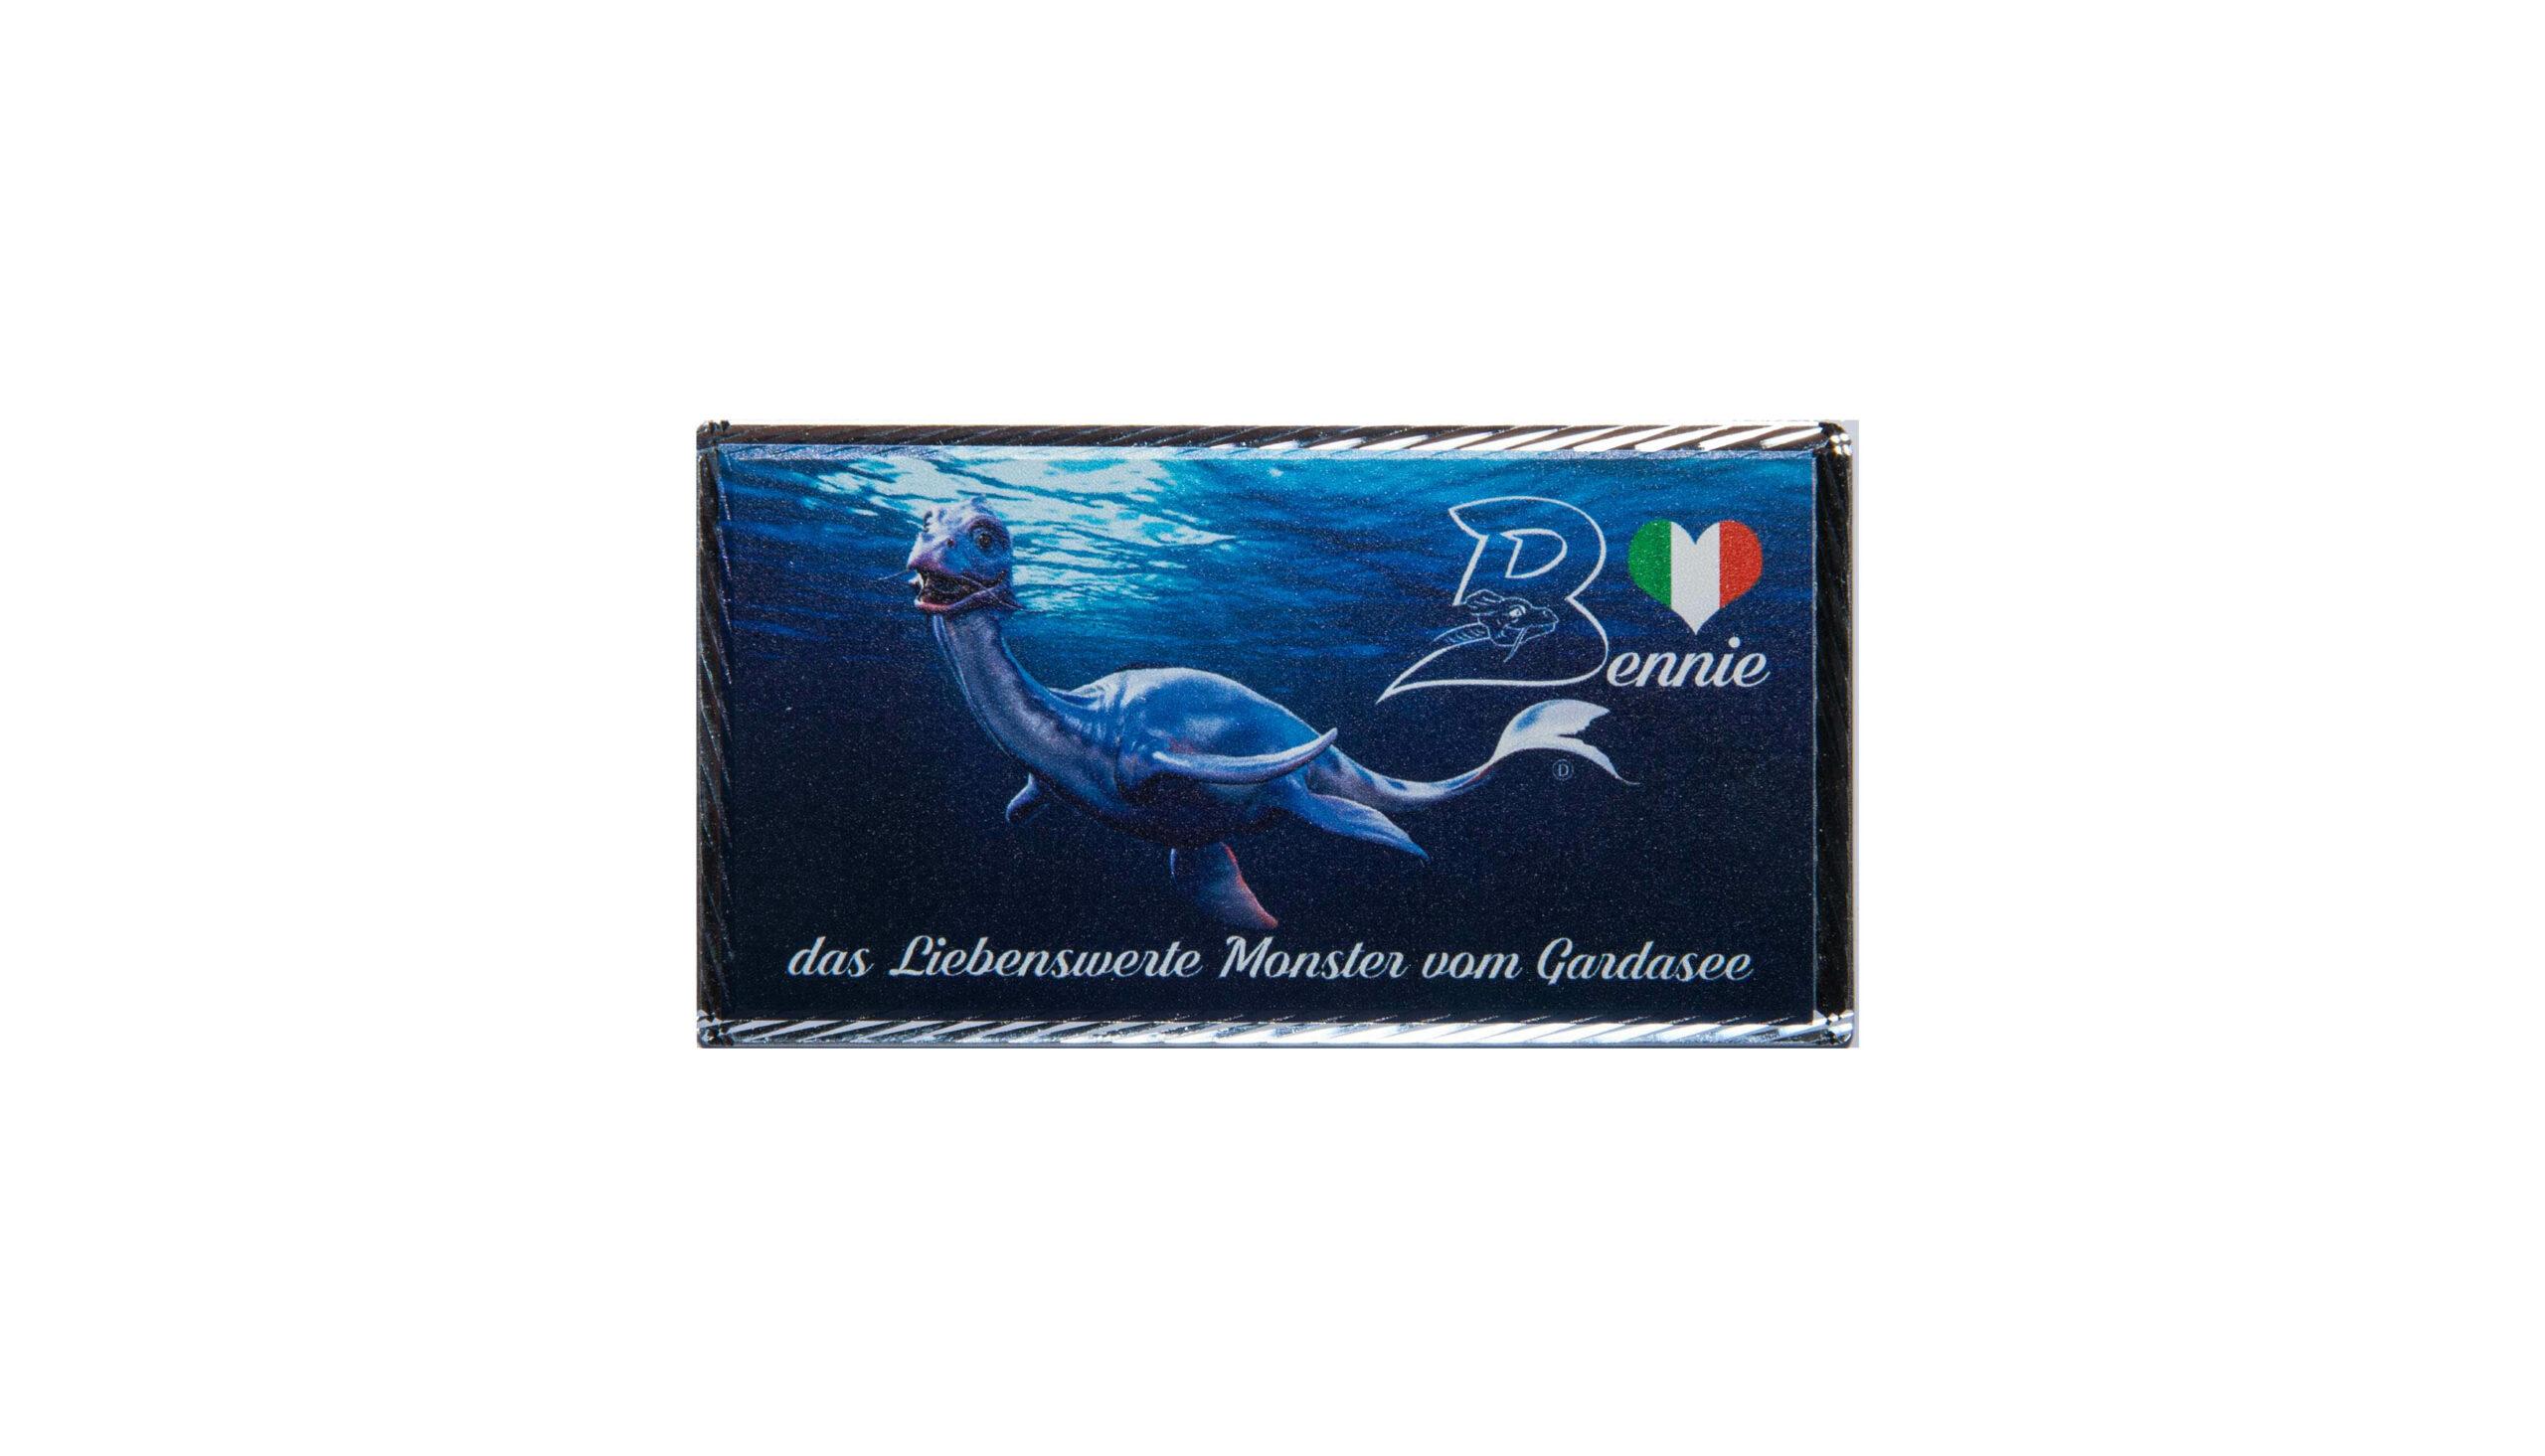 Diamand magnete mit deutche text von Bennie aus Gardasee Bthemonster.com